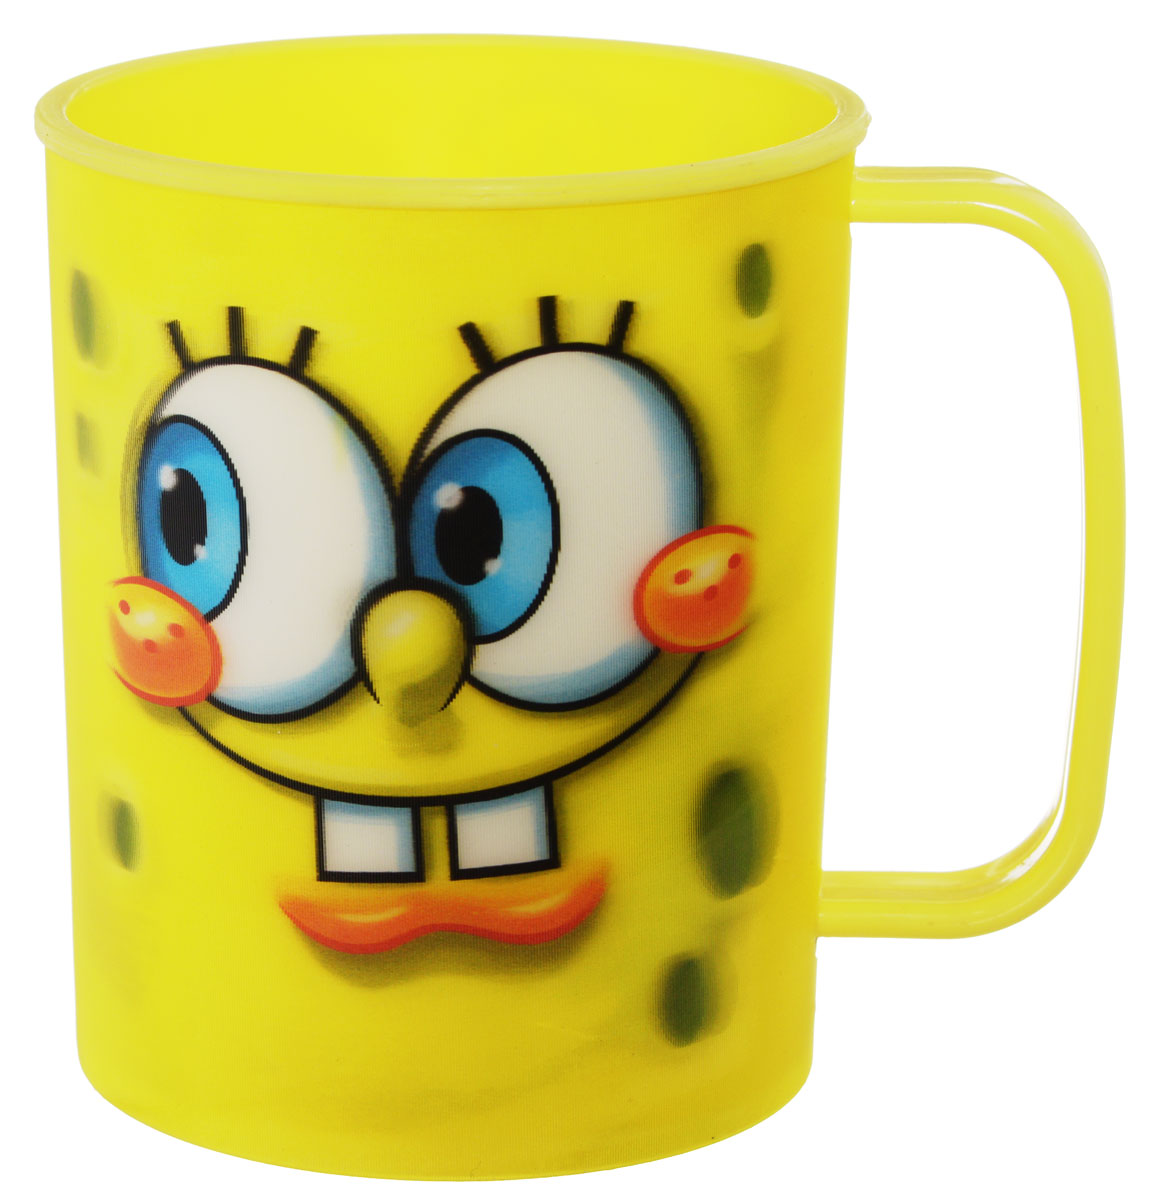 Губка Боб Кружка пластмассовая 3D цвет желтый 325 млM325-01YДетская кружка Губка Боб с 3D рисунком идеально подойдет для вашего малыша. Она выполнена из качественного пластика желтого цвета и оформлена ярким изображением героя мультфильма Губка Боб. Кружка дополнена удобной ручкой. Такой подарок станет не только приятным, но и практичным сувениром: кружка будет незаменимым атрибутом чаепития, а оригинальное оформление кружки добавит ярких эмоций в процессе чаепития. Не предназначено для использования в СВЧ-печи и посудомоечной машине.